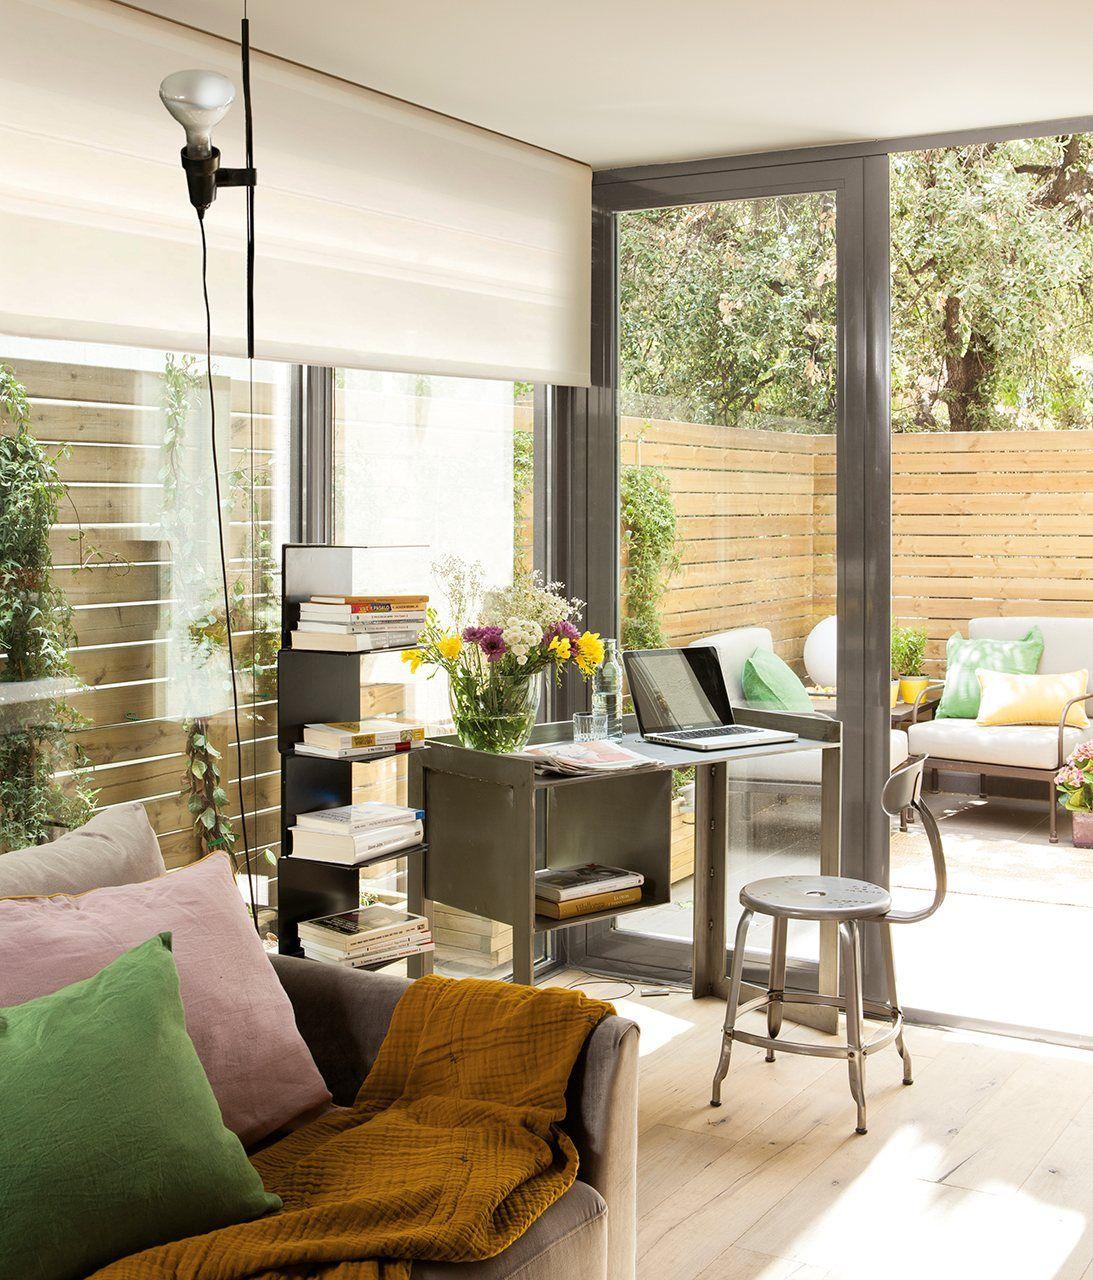 Un apartamento e 53m2 con el espacio muy bien aprovechado nos enseña como si se hacen las cosas bien el tamaño no importa.